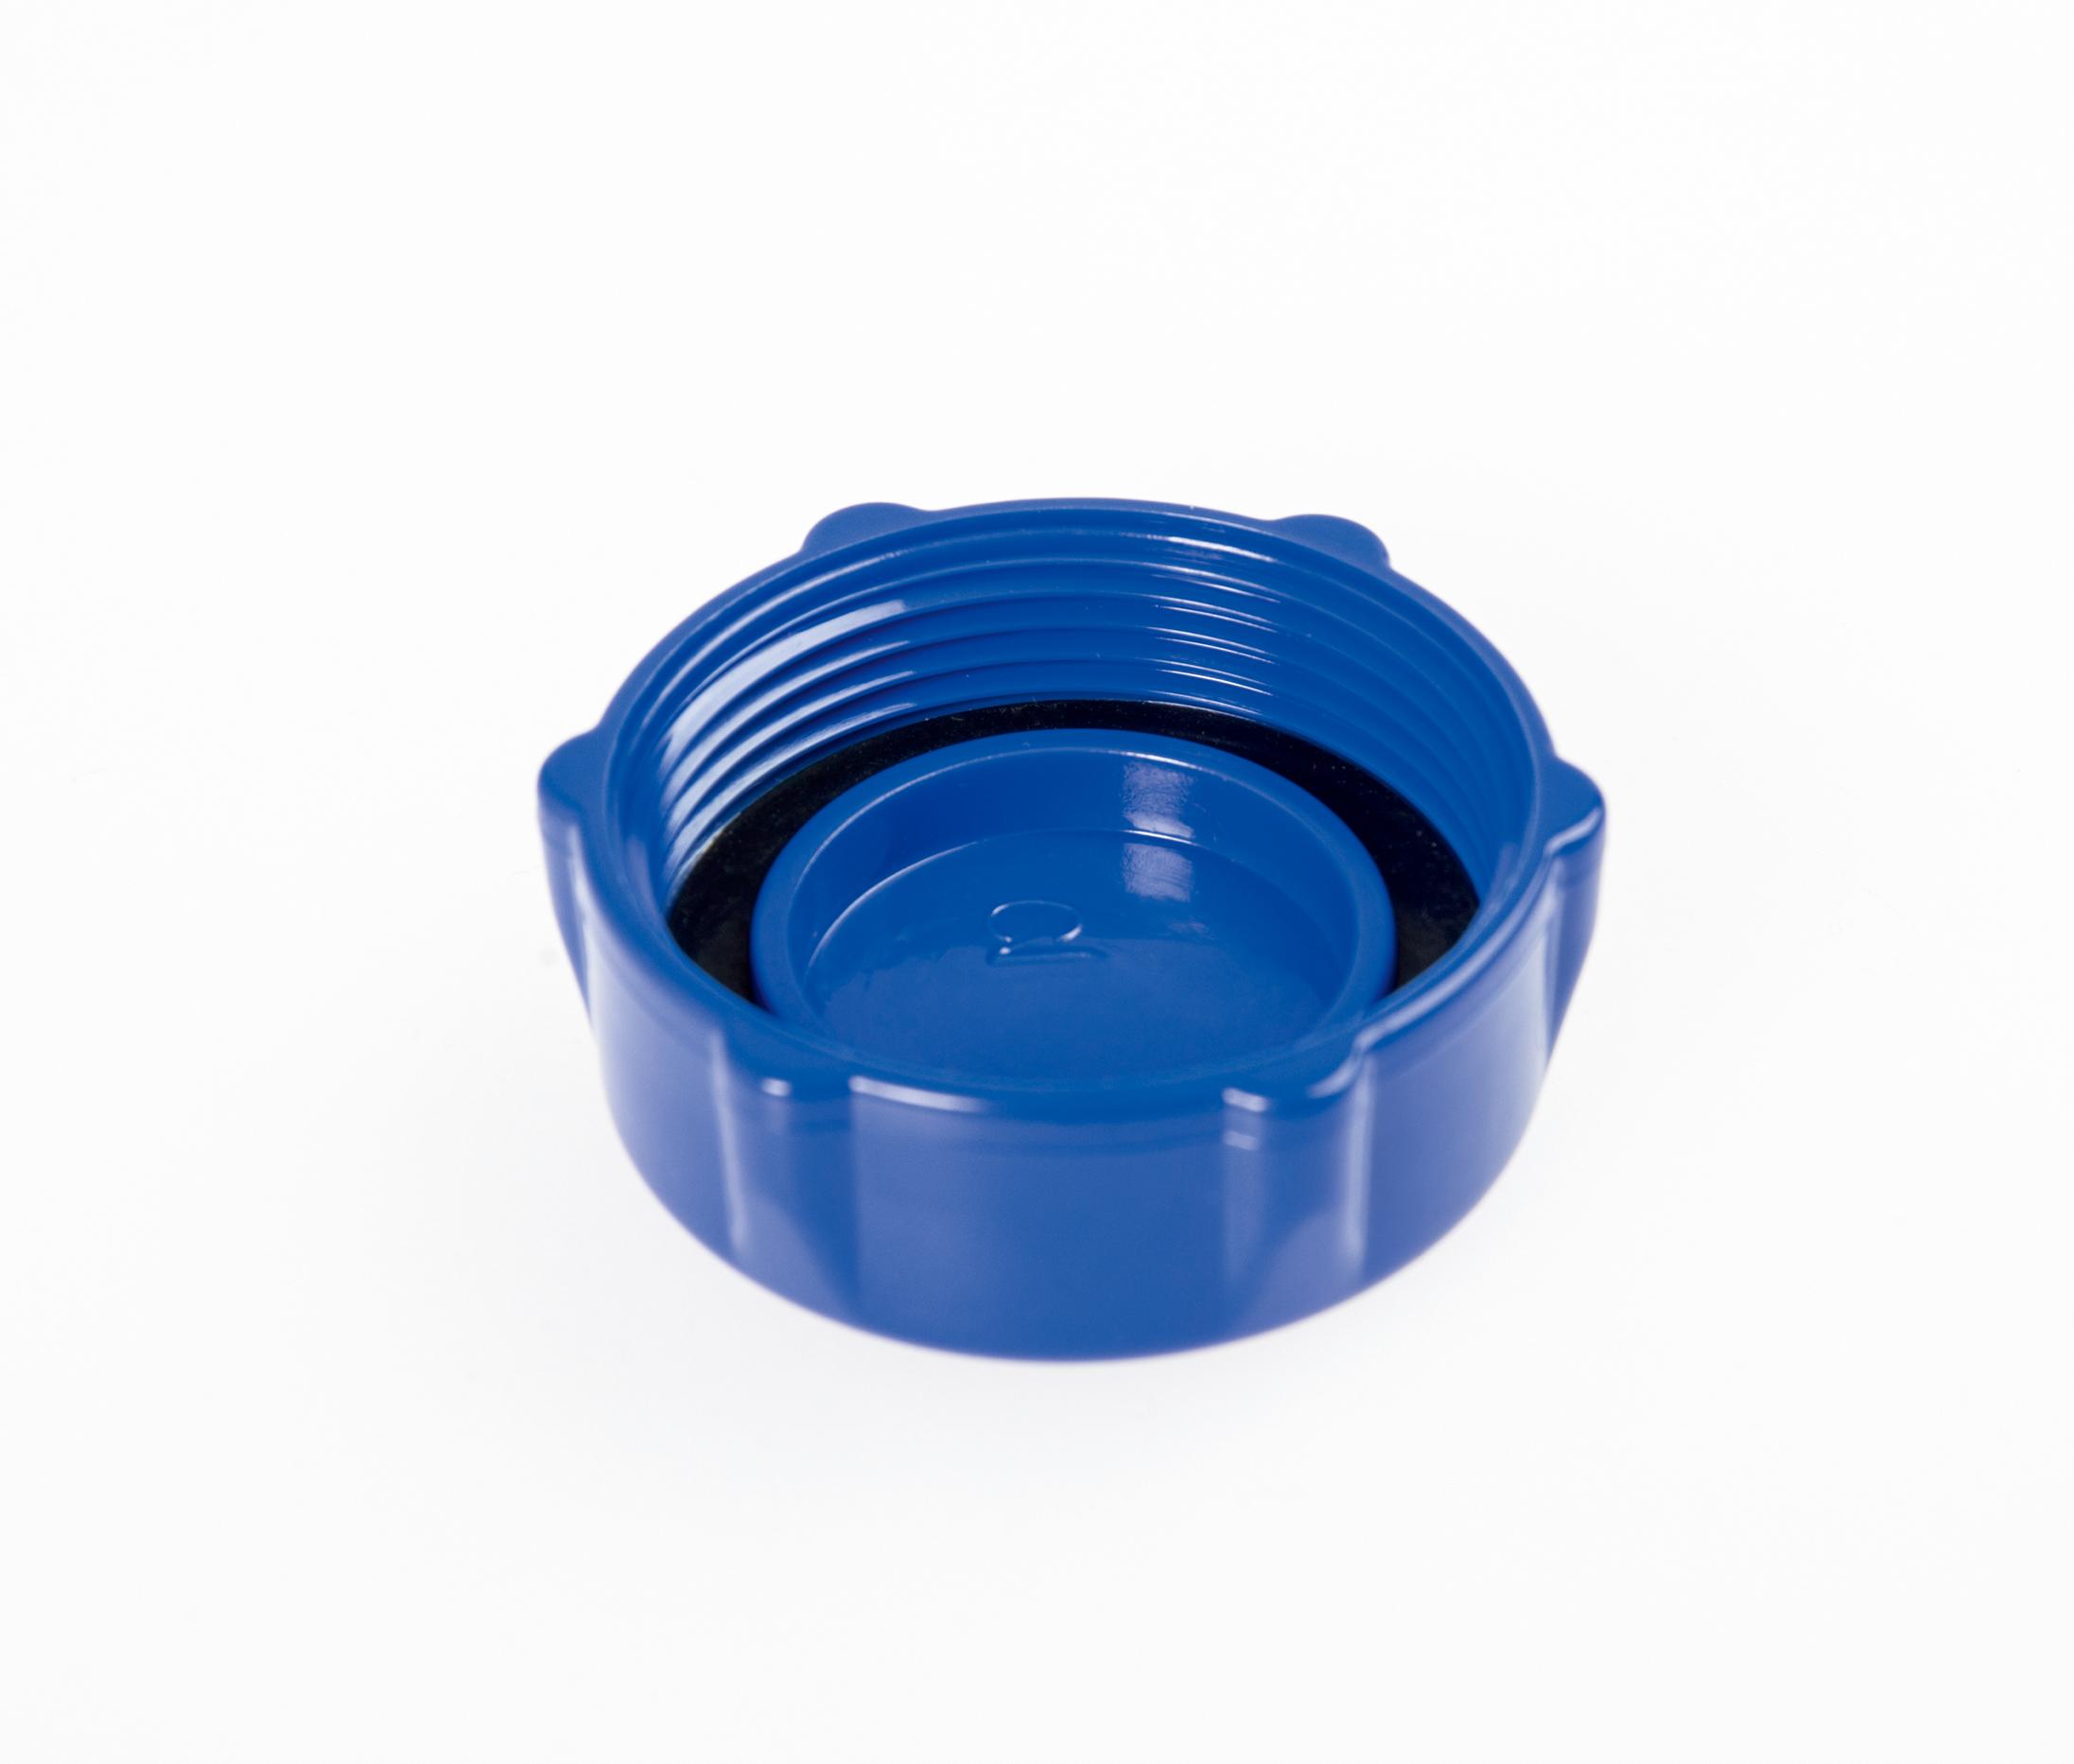 Bestway ersatzteil p6d1158 ablassventilkappe f r pools for Bestway pool ersatzteile